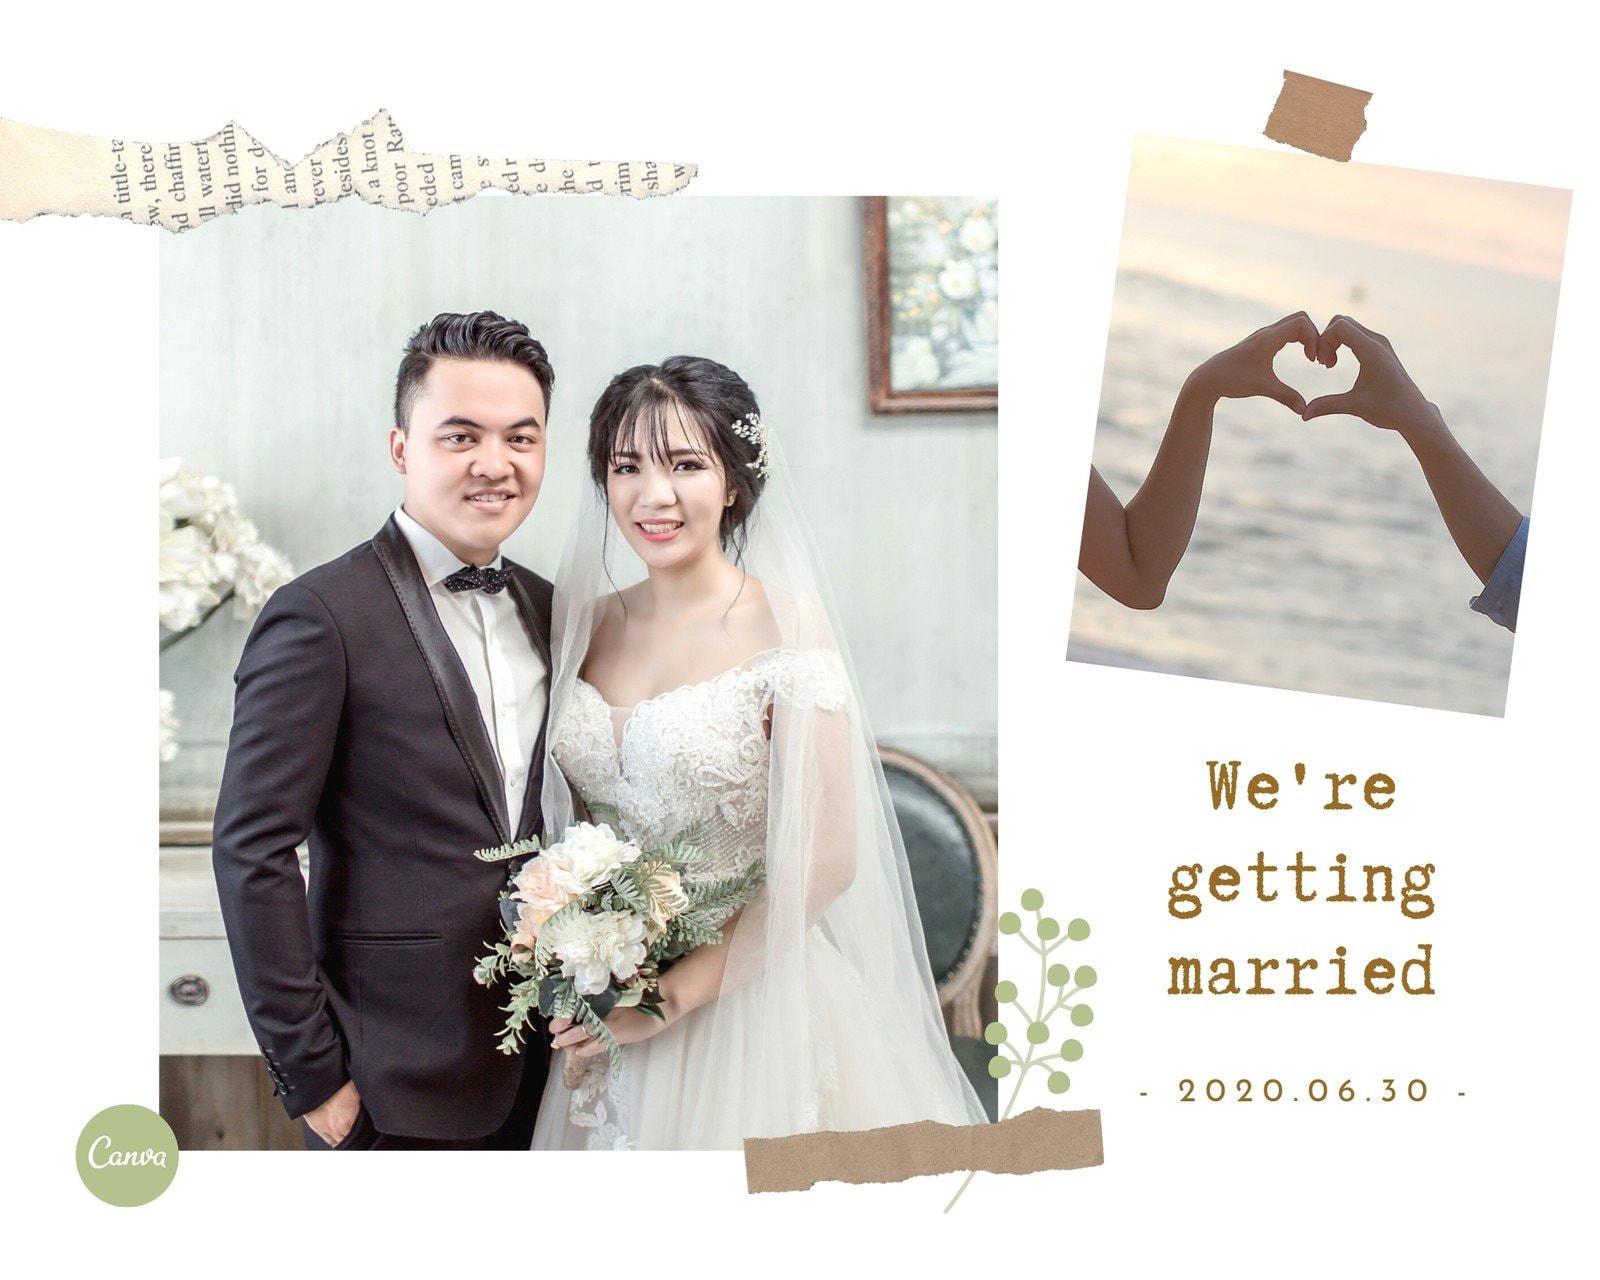 白色婚纱礼服爱心人物婚礼婚纱拼图